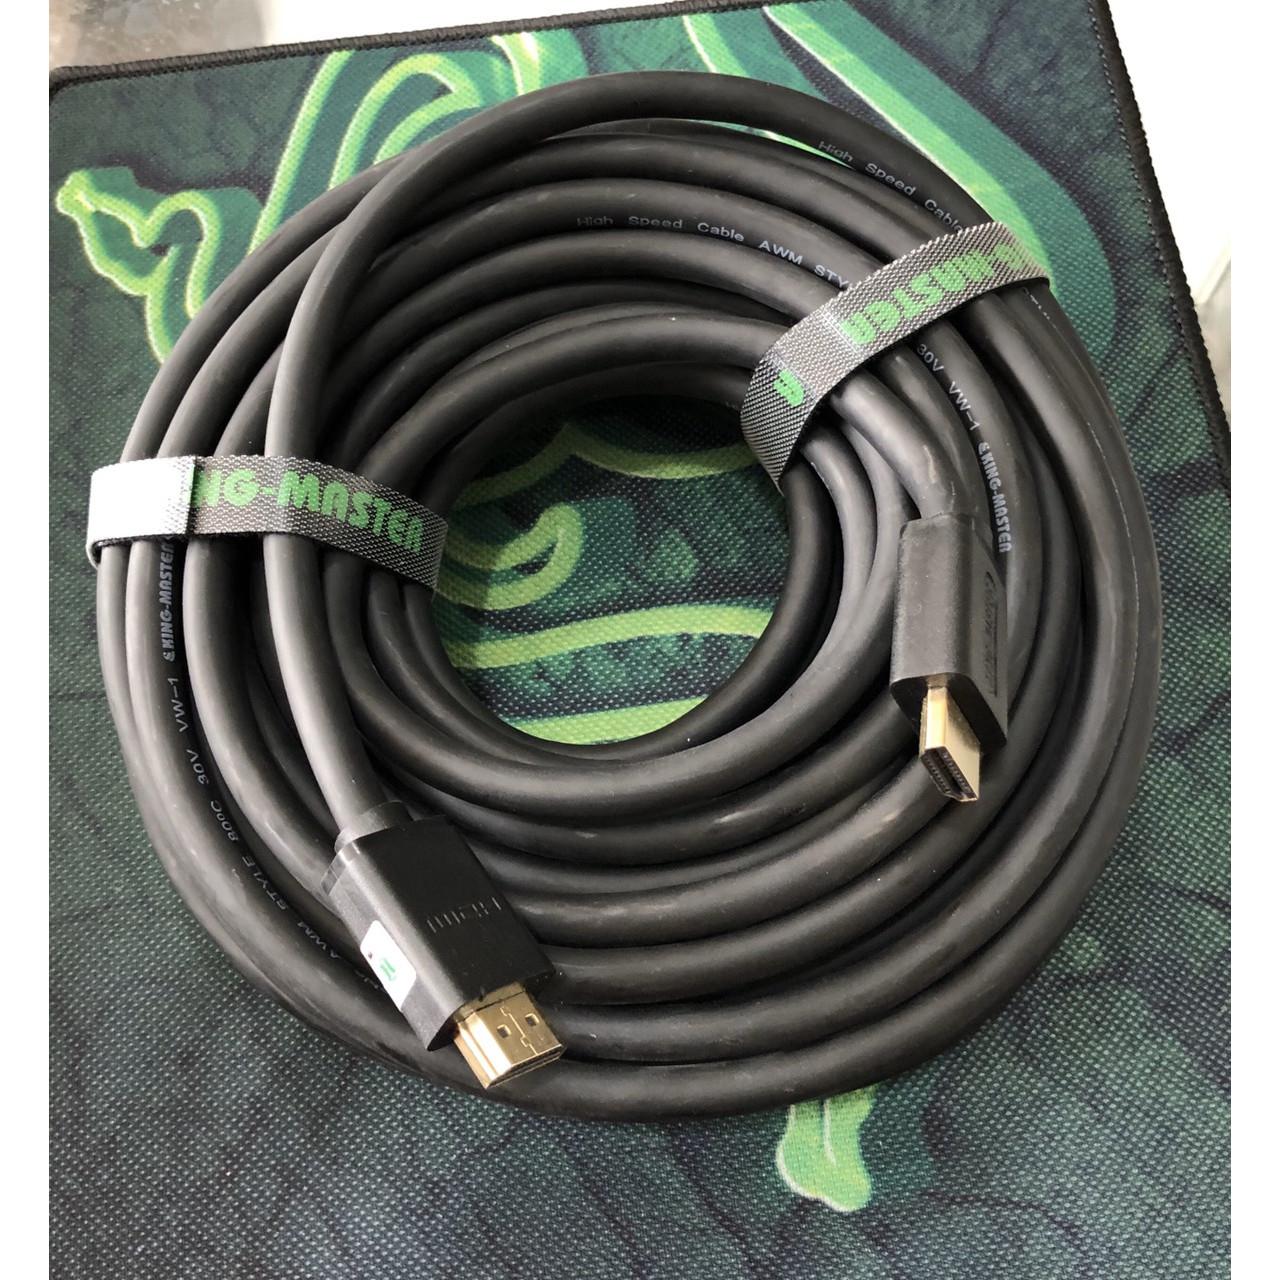 Cáp 2 đầu HDMI dài 15 mét đen tốt